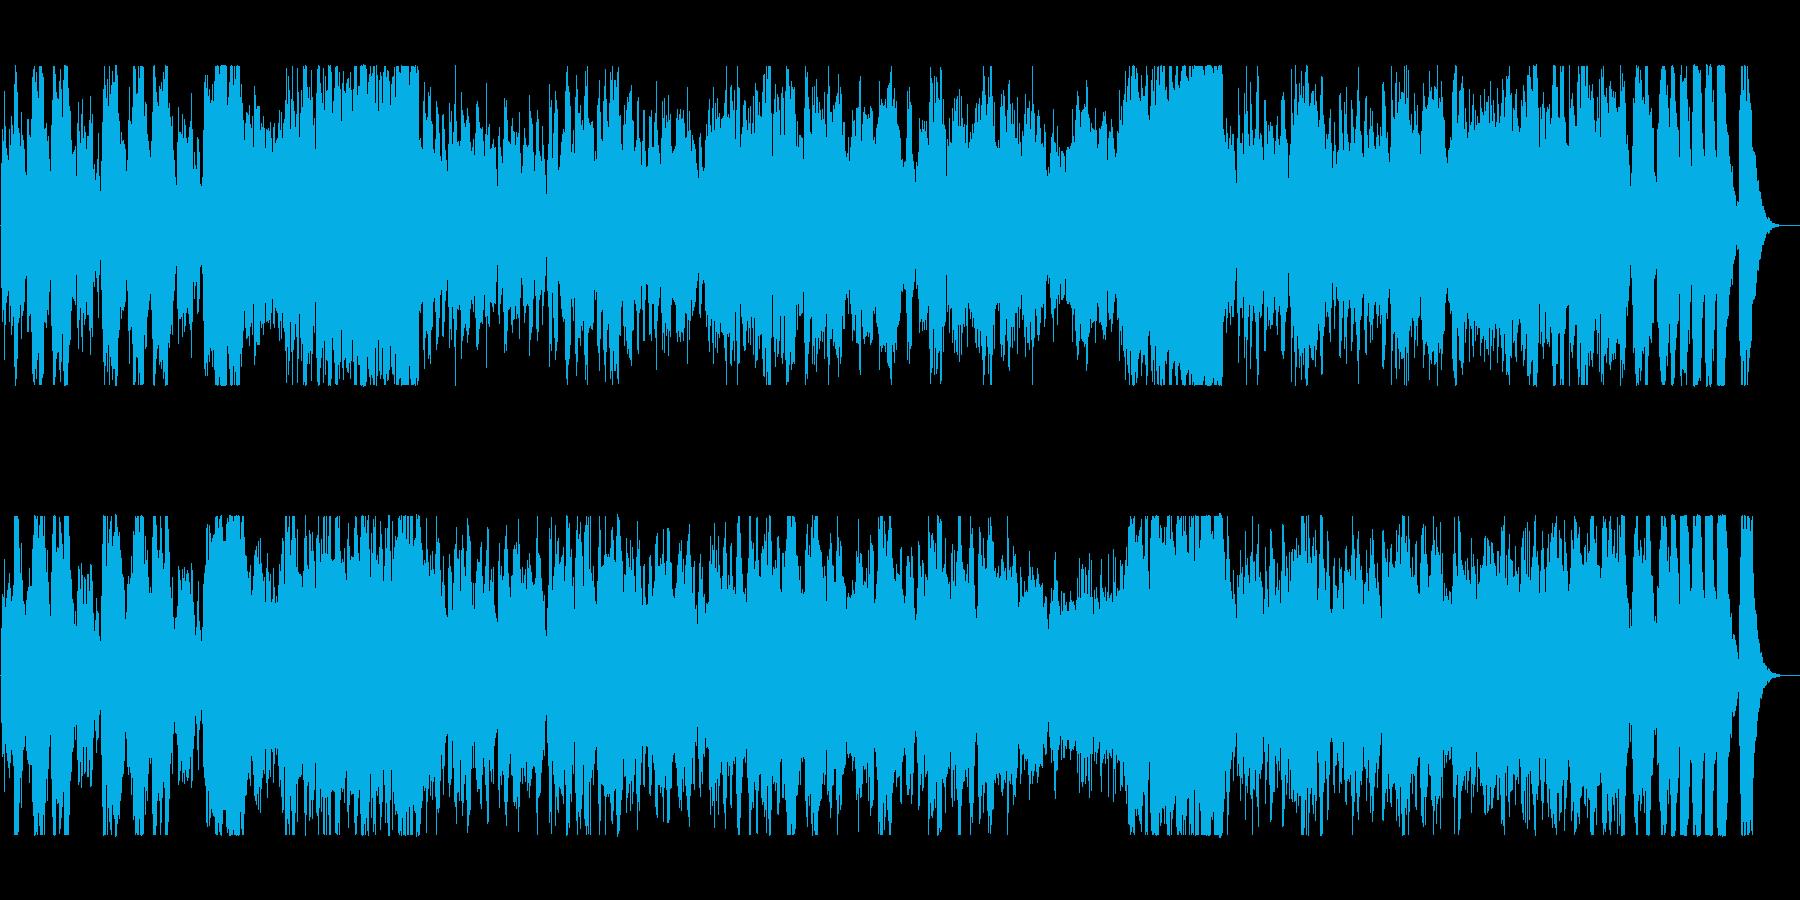 ファンタジーな勢いのある弦楽器・管楽器曲の再生済みの波形